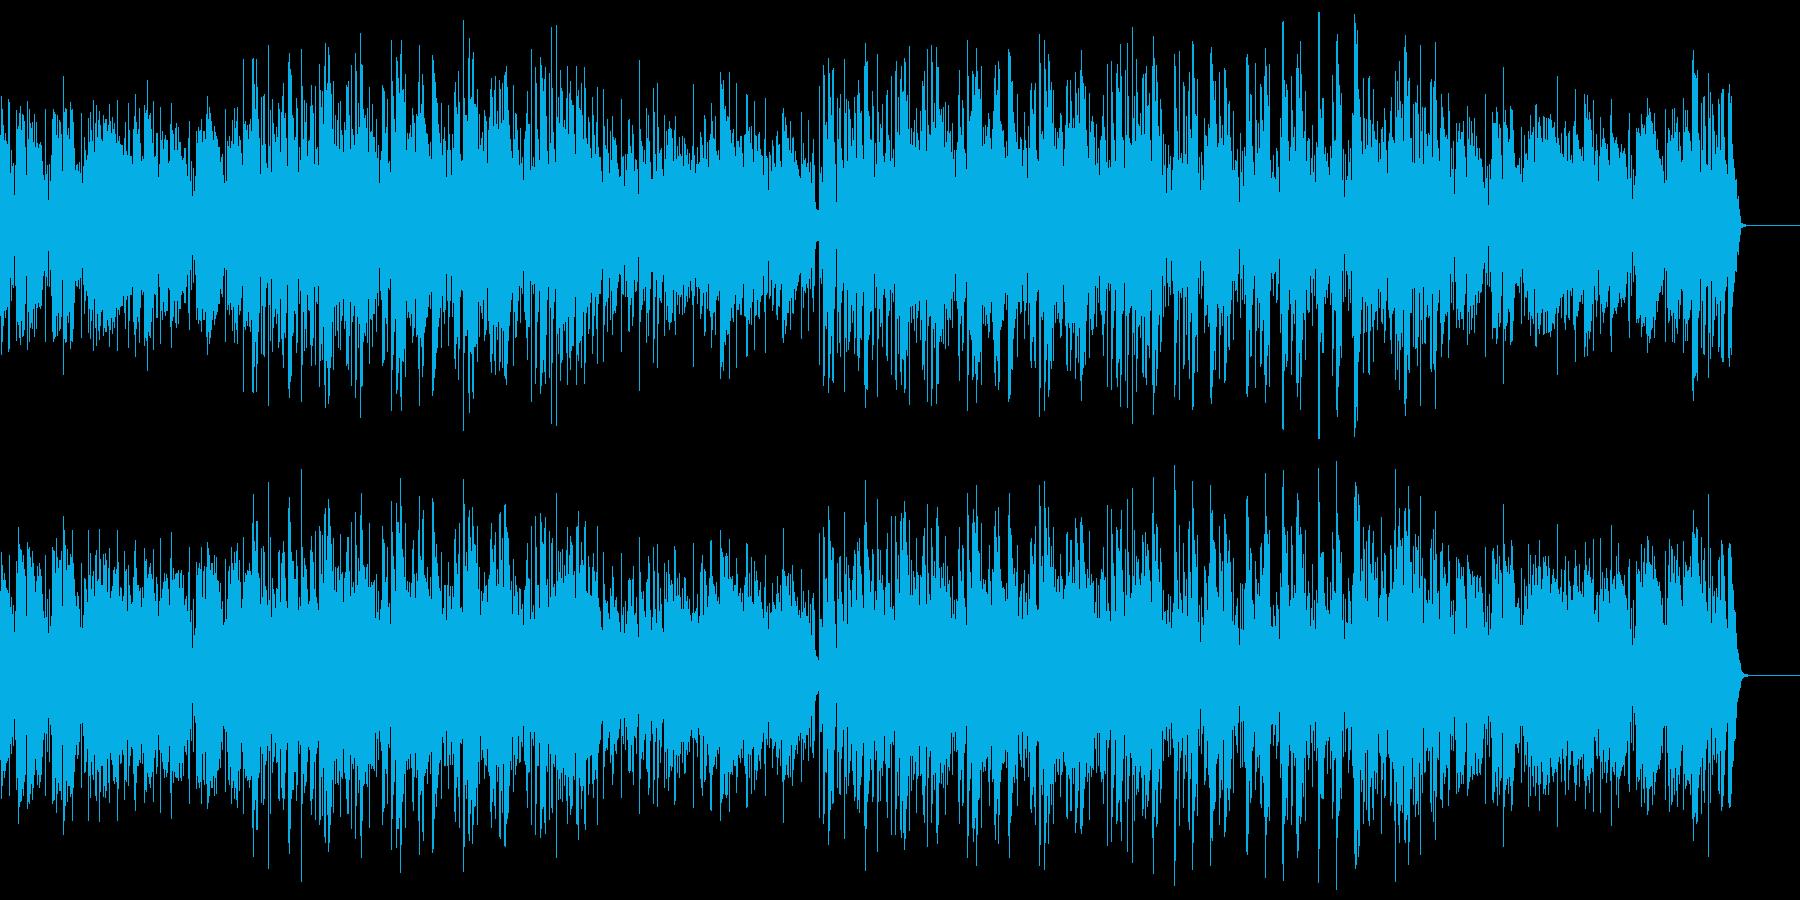 大人な夏のビーチ・ジャズの再生済みの波形